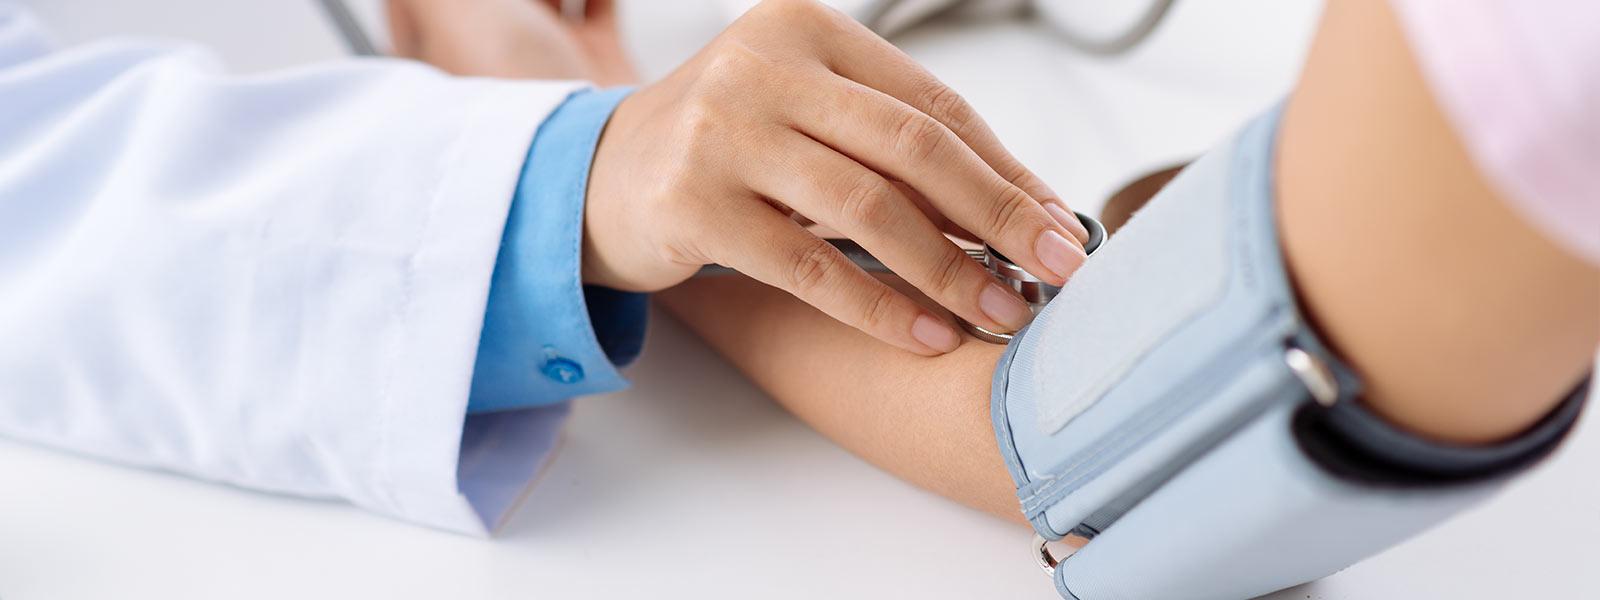 Thông tư liên tịch 37/2015/TTLT-BYT-BTC quy định thống nhất giá dịch vụ khám chữa bệnh BHYT giữa các bệnh viện cùng hạng trên toàn quốc